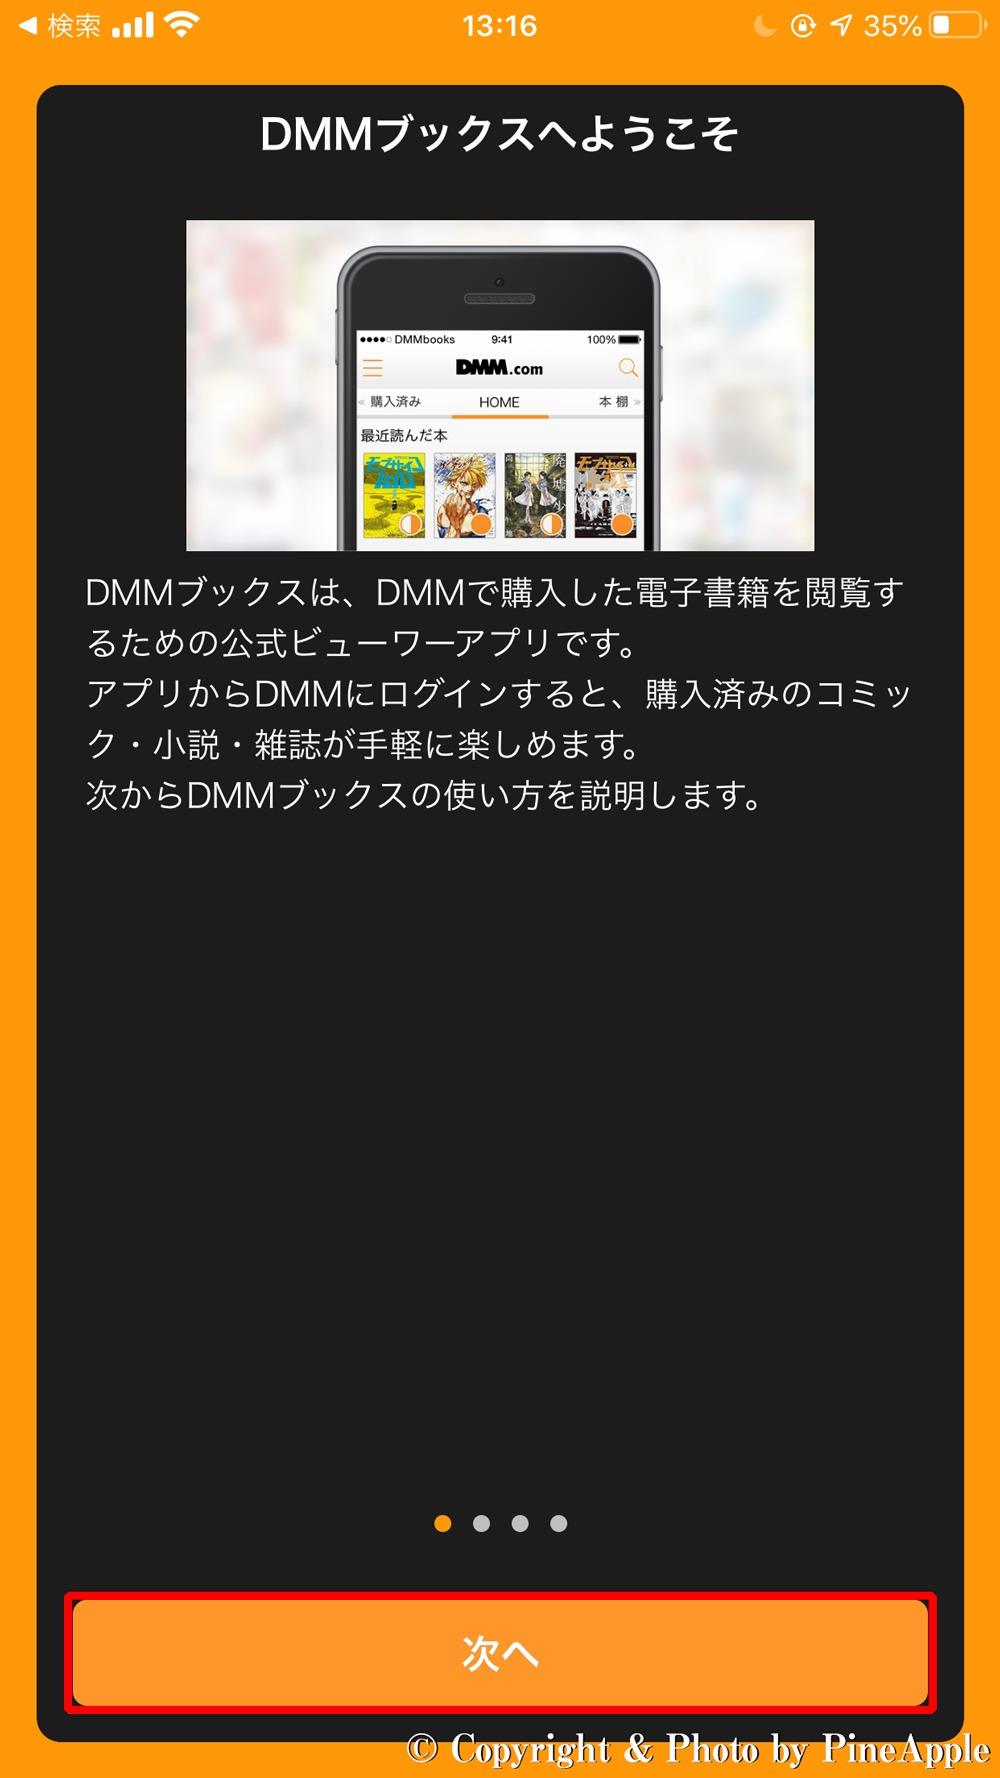 「DMM へようこそ」:「DMM ブックス」は、DMM で購入した電子書籍を閲覧するための公式ビューワーアプリです。 アプリから DMM にログインすると、購入済みのコミック・小説・雑誌が手軽に楽しめます。 次から「DMM ブックス」の使い方を説明します。